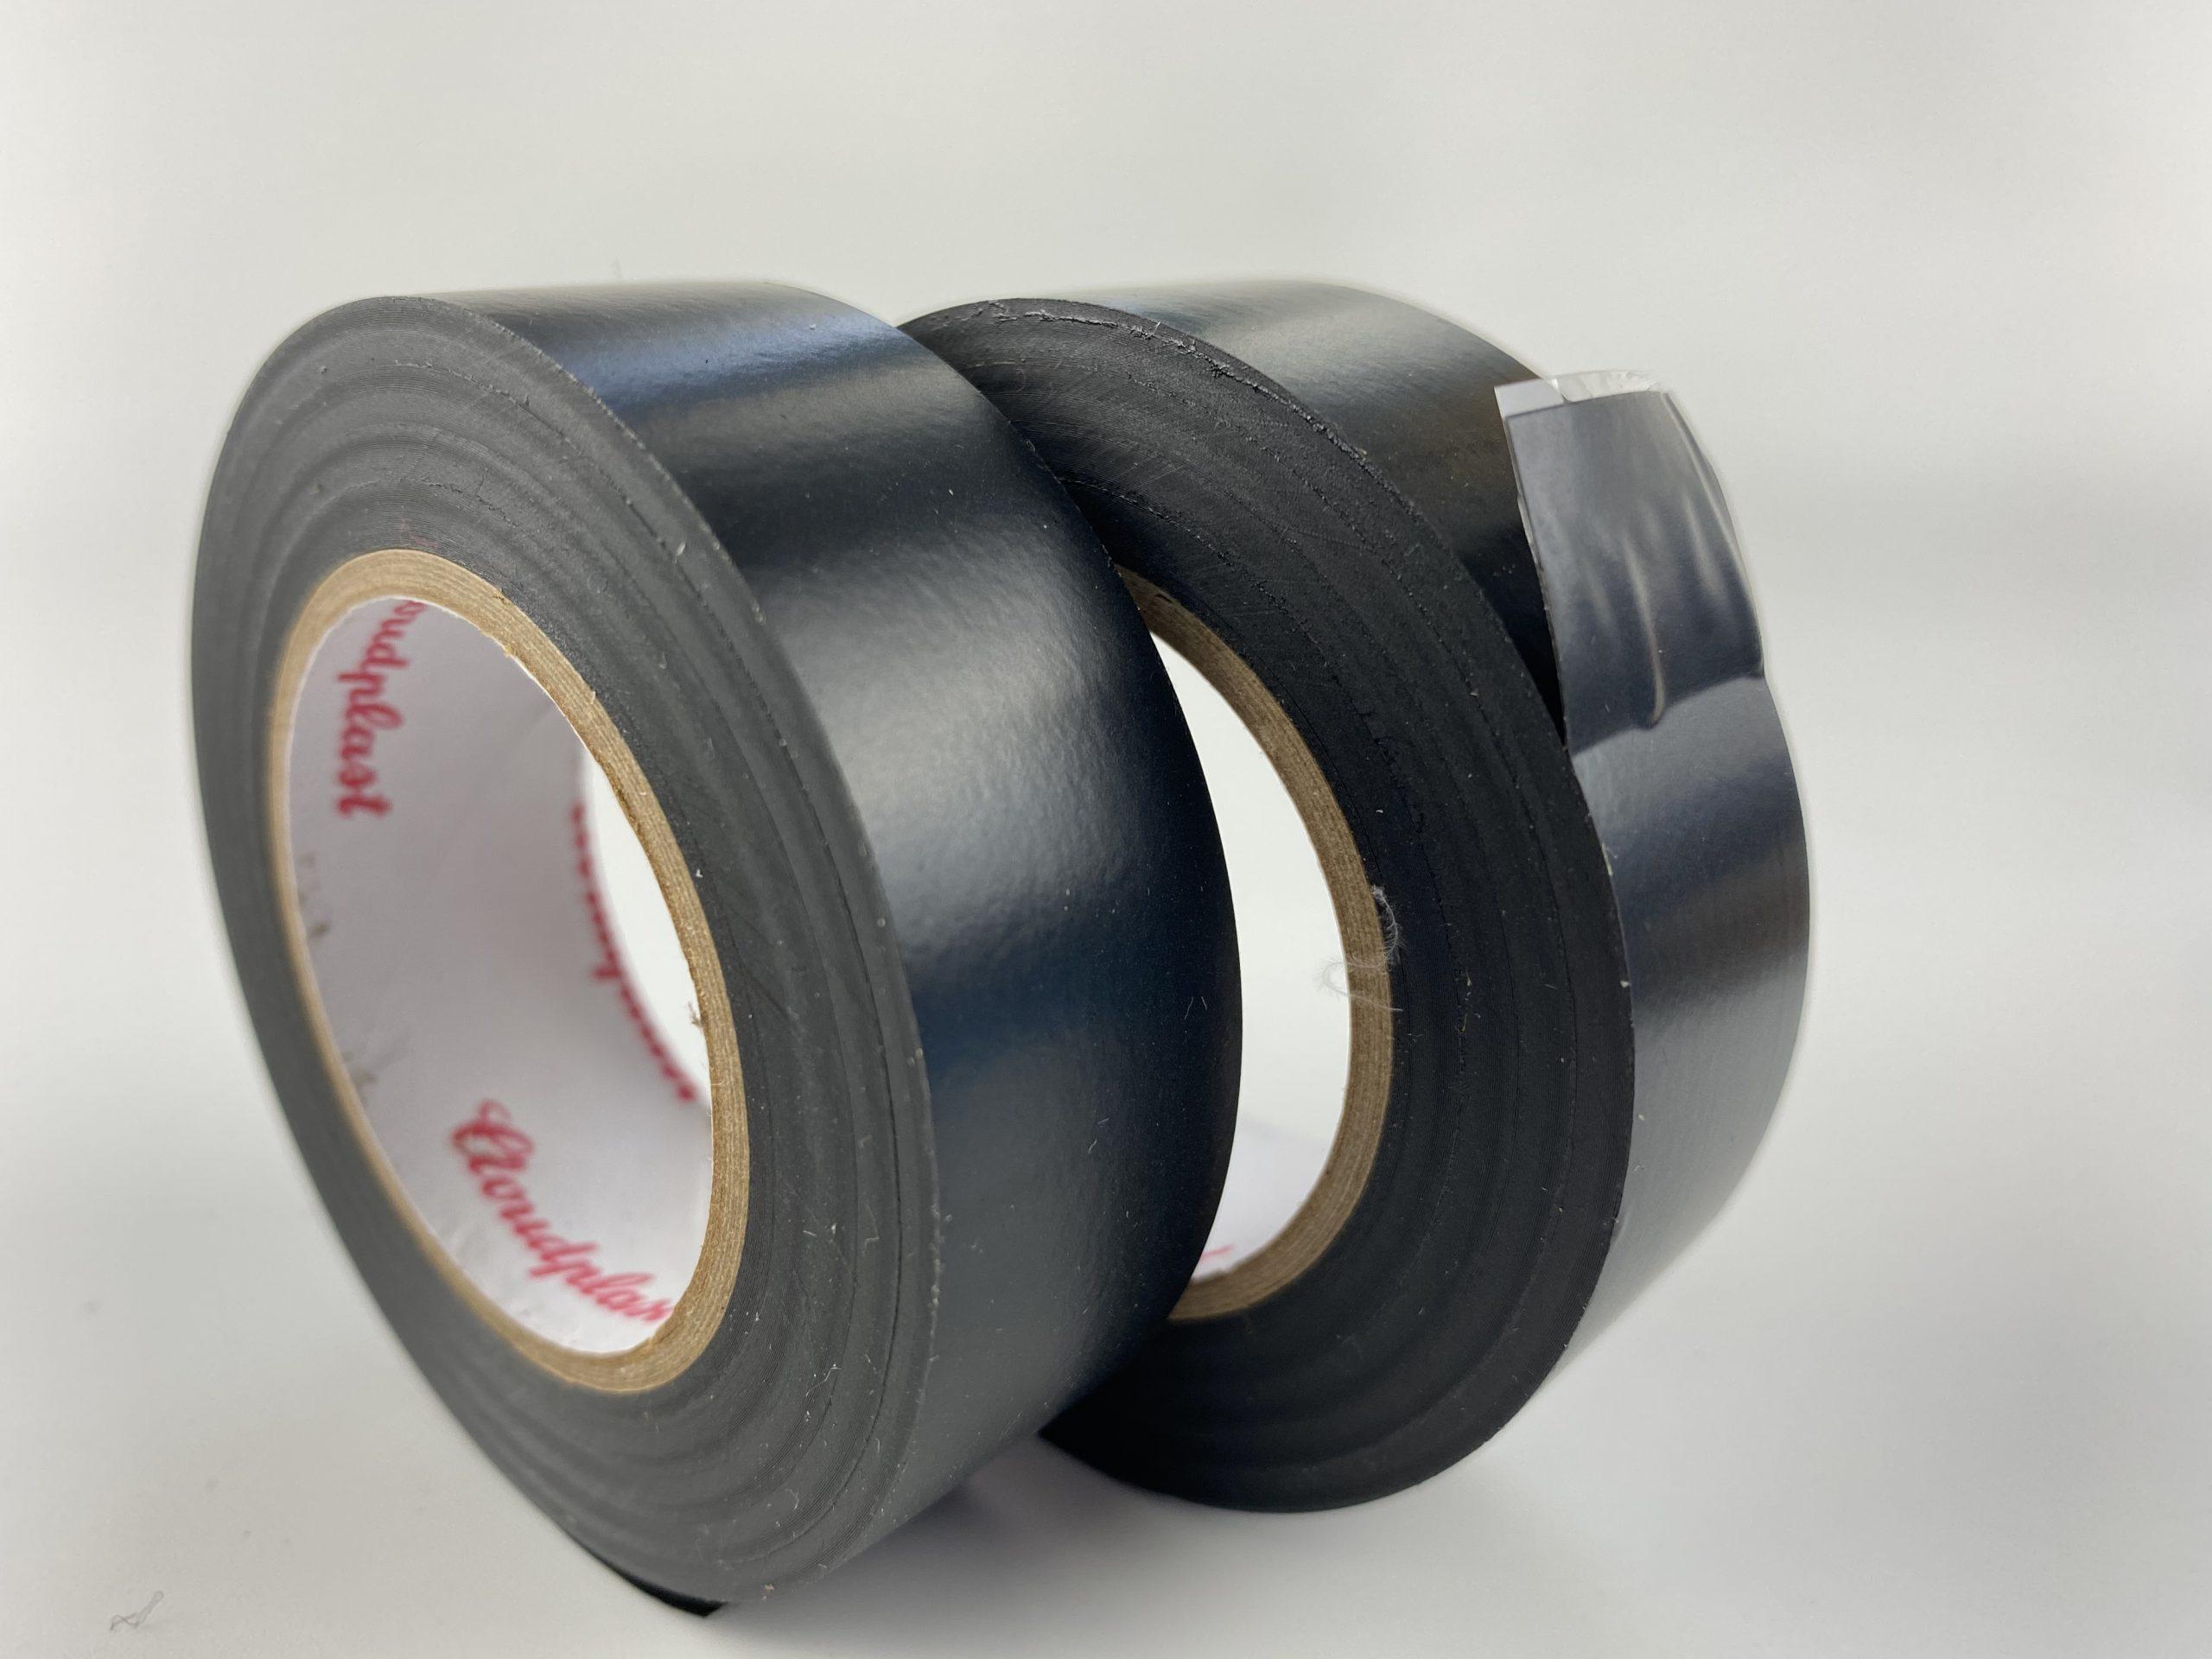 超薄 PVC 汽车线束胶带 – Cloudplast 10080 0.08mm